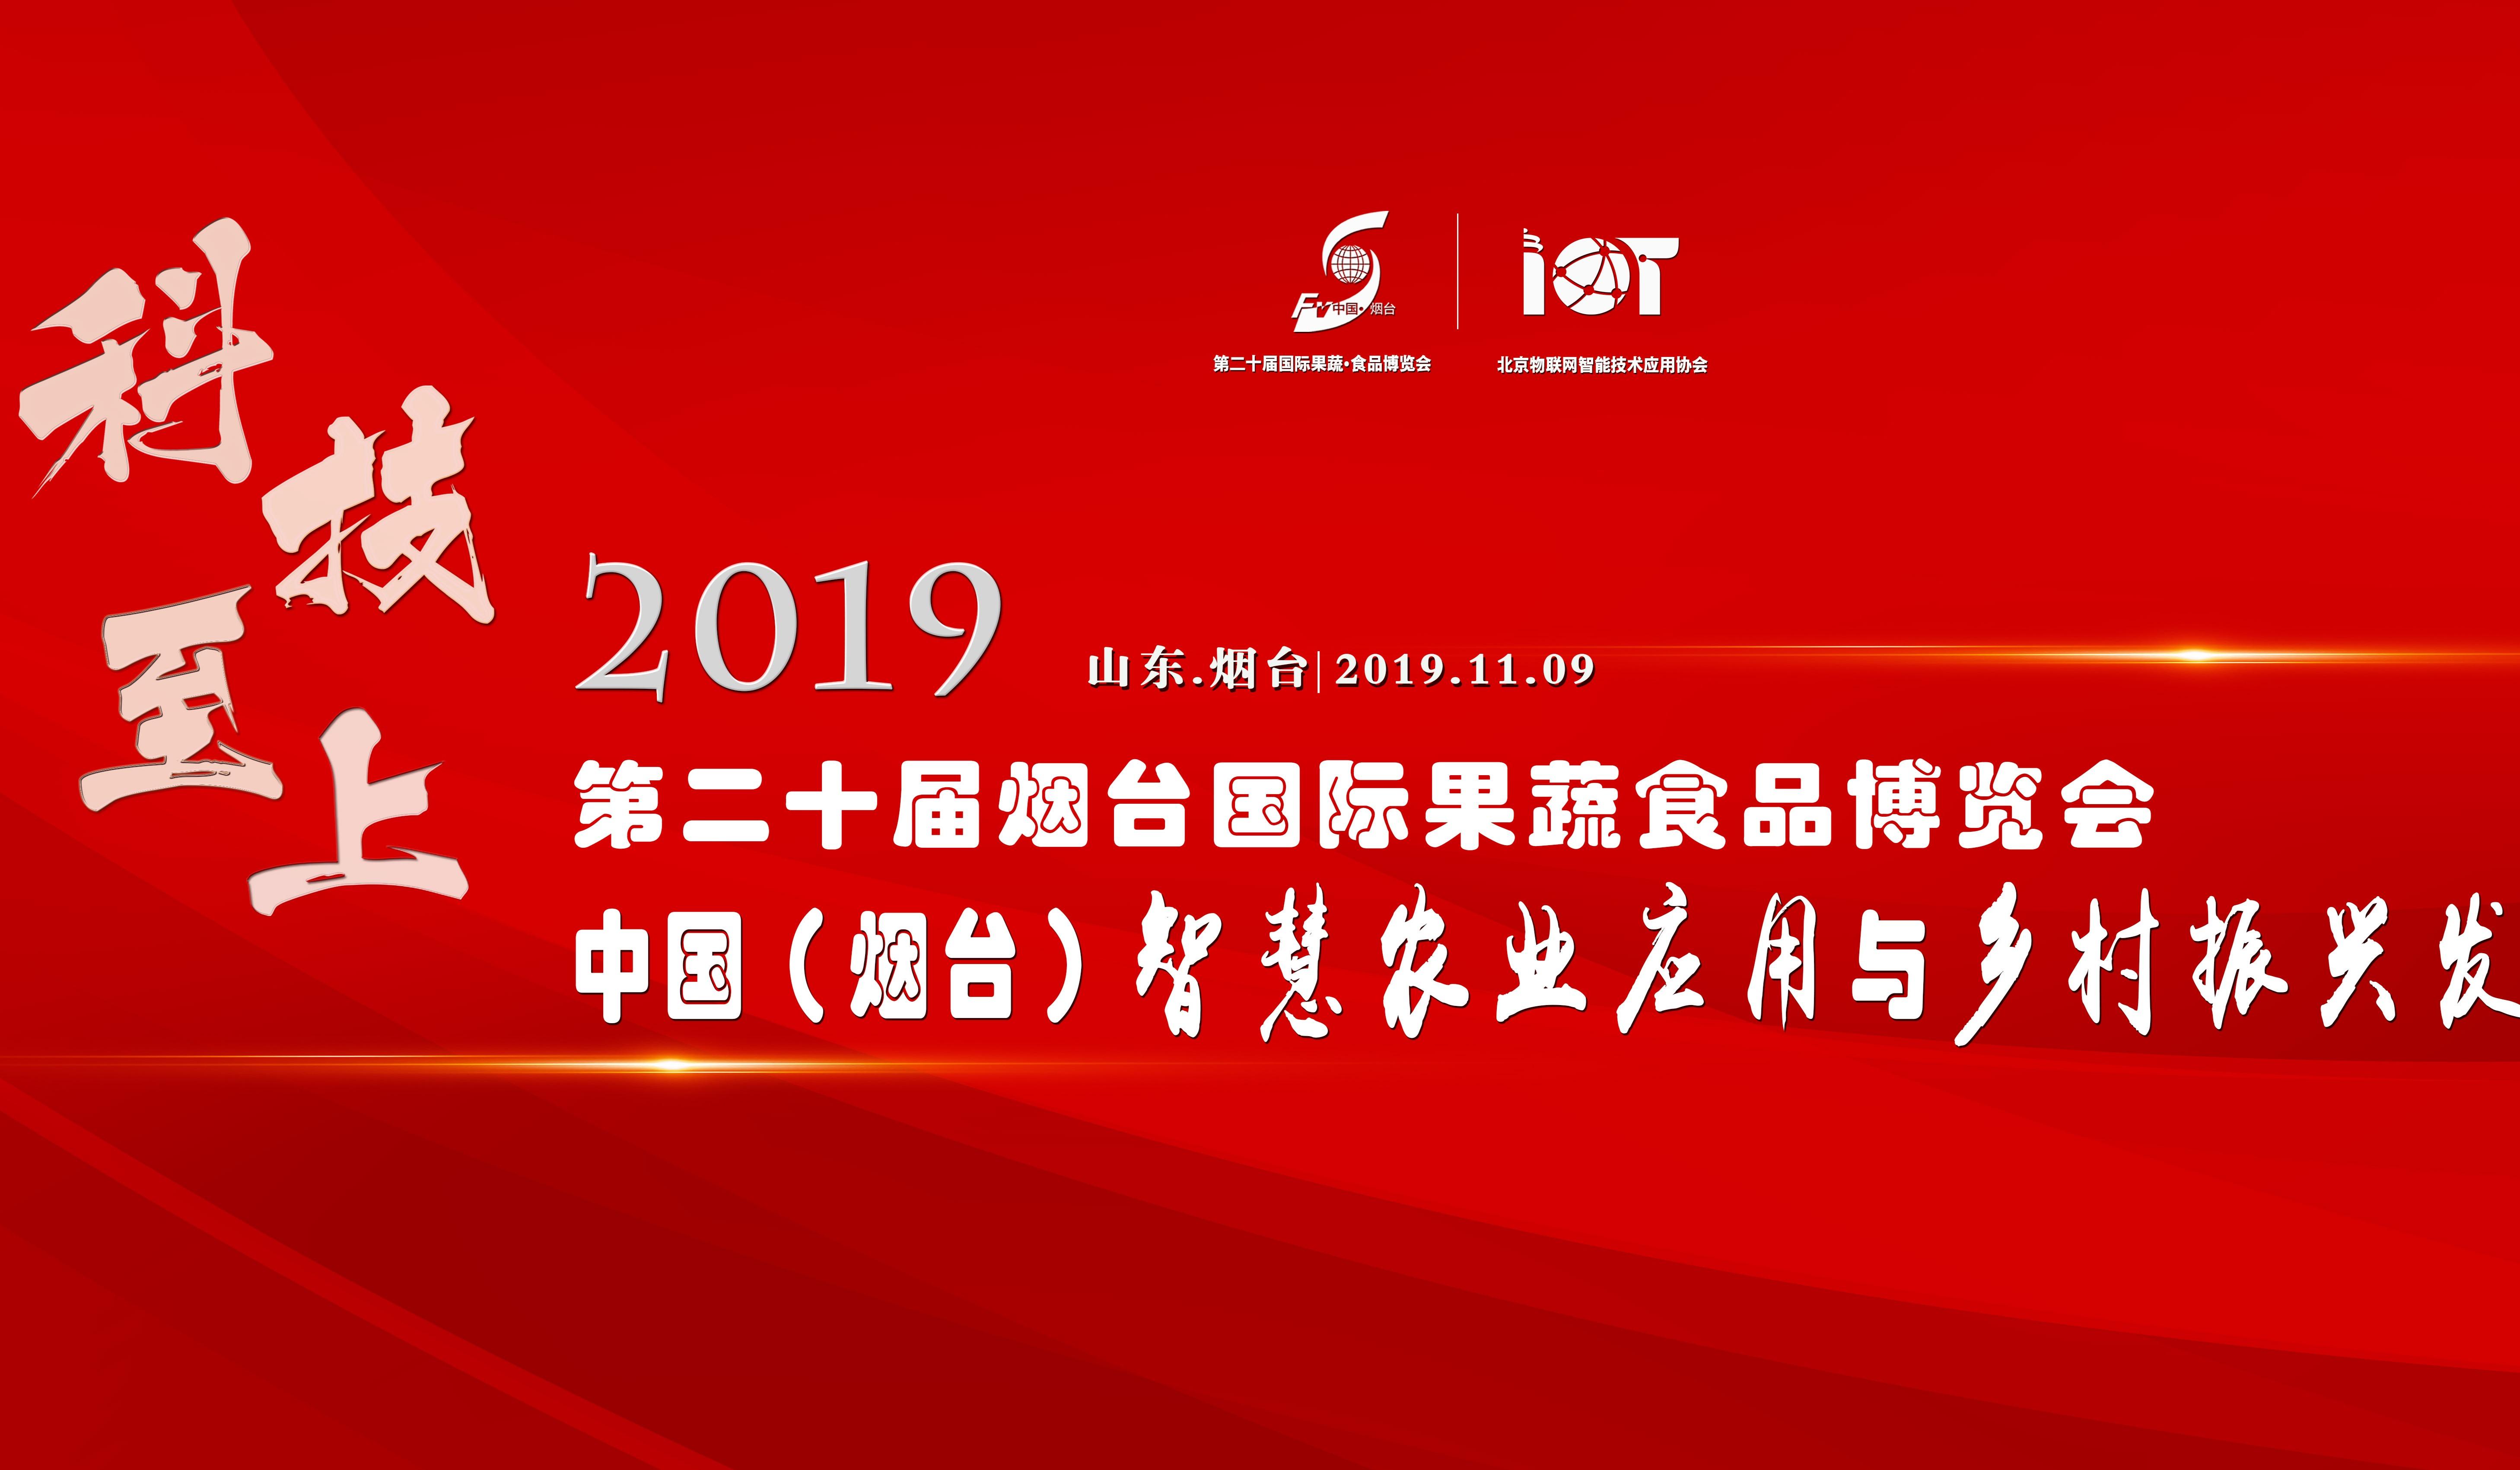 【免费报名】2019中国(烟台)智慧农业应用与乡村振兴发展大会 博览会(11月9日 烟台国际博览中心)